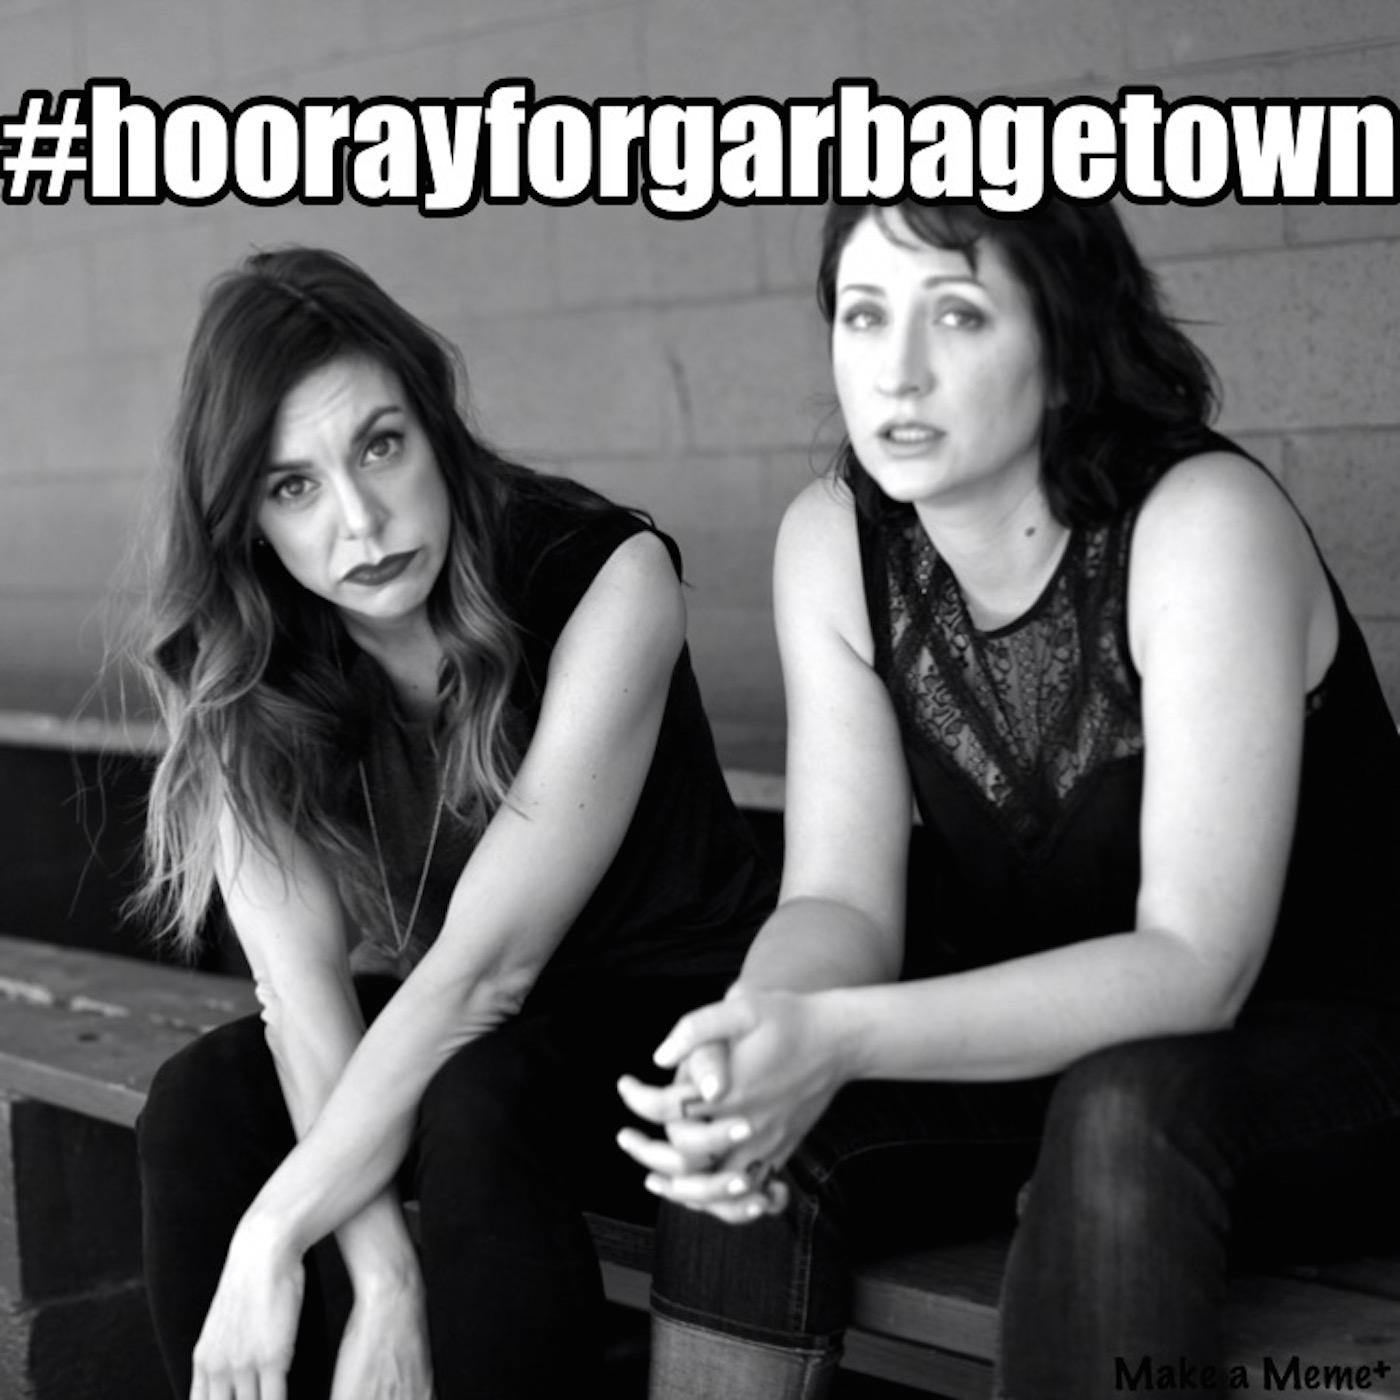 Garbagetown